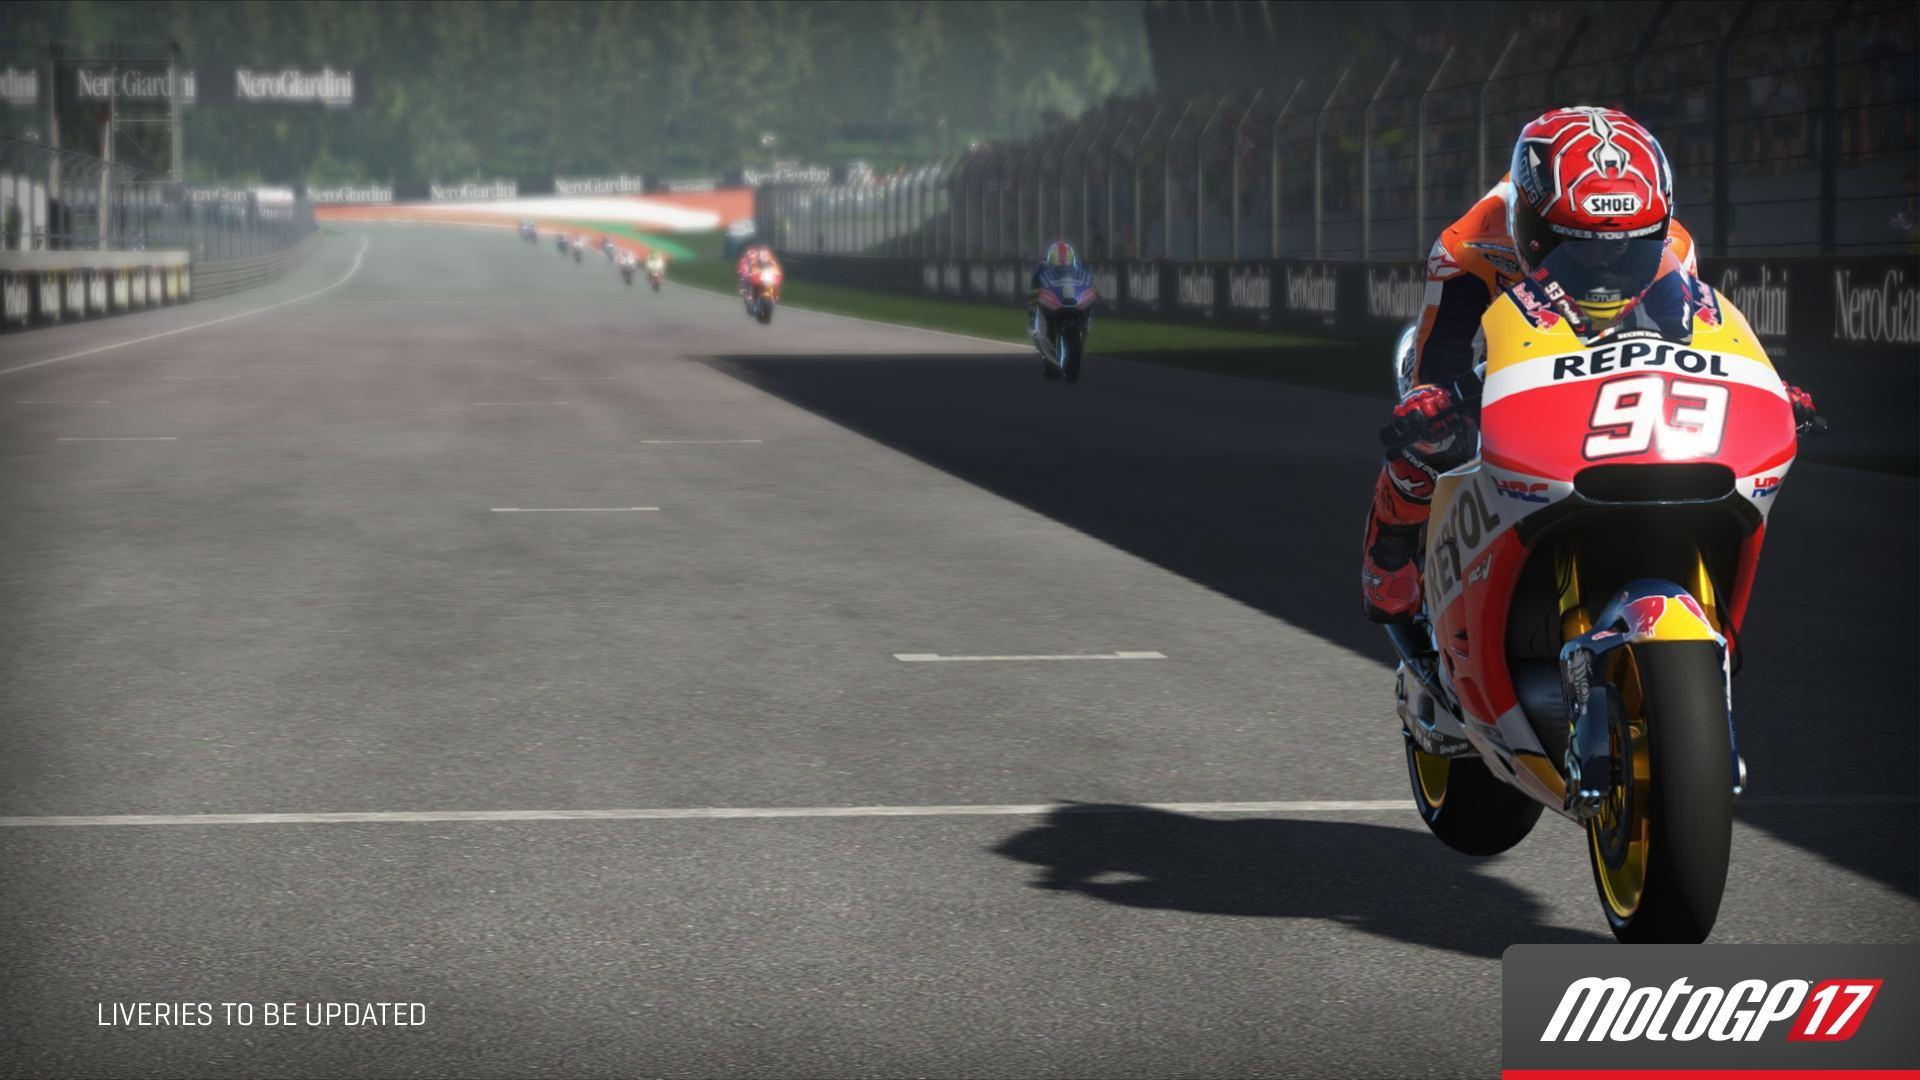 MotoGP 17 - Bild 6 | playm.de